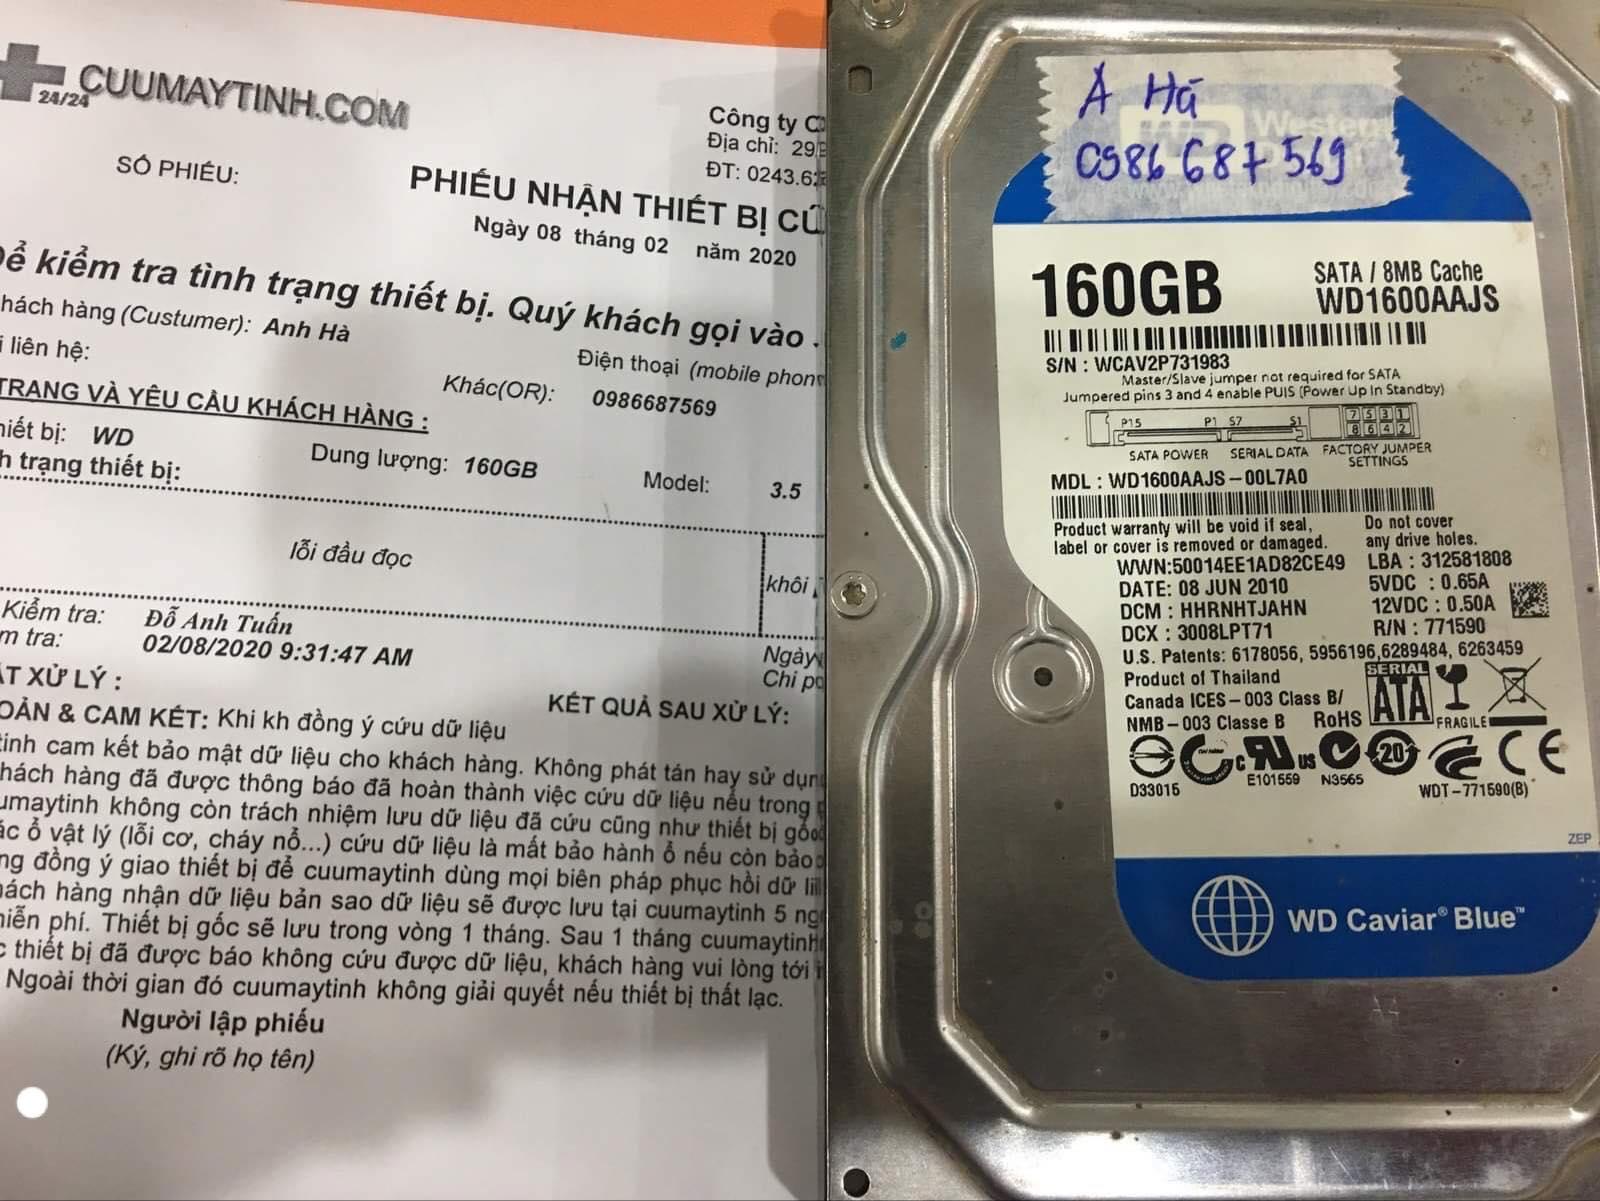 Phục hồi dữ liệu ổ cứng Western 160GB lỗi đầu đọc 08/02/2020 - cuumaytinh